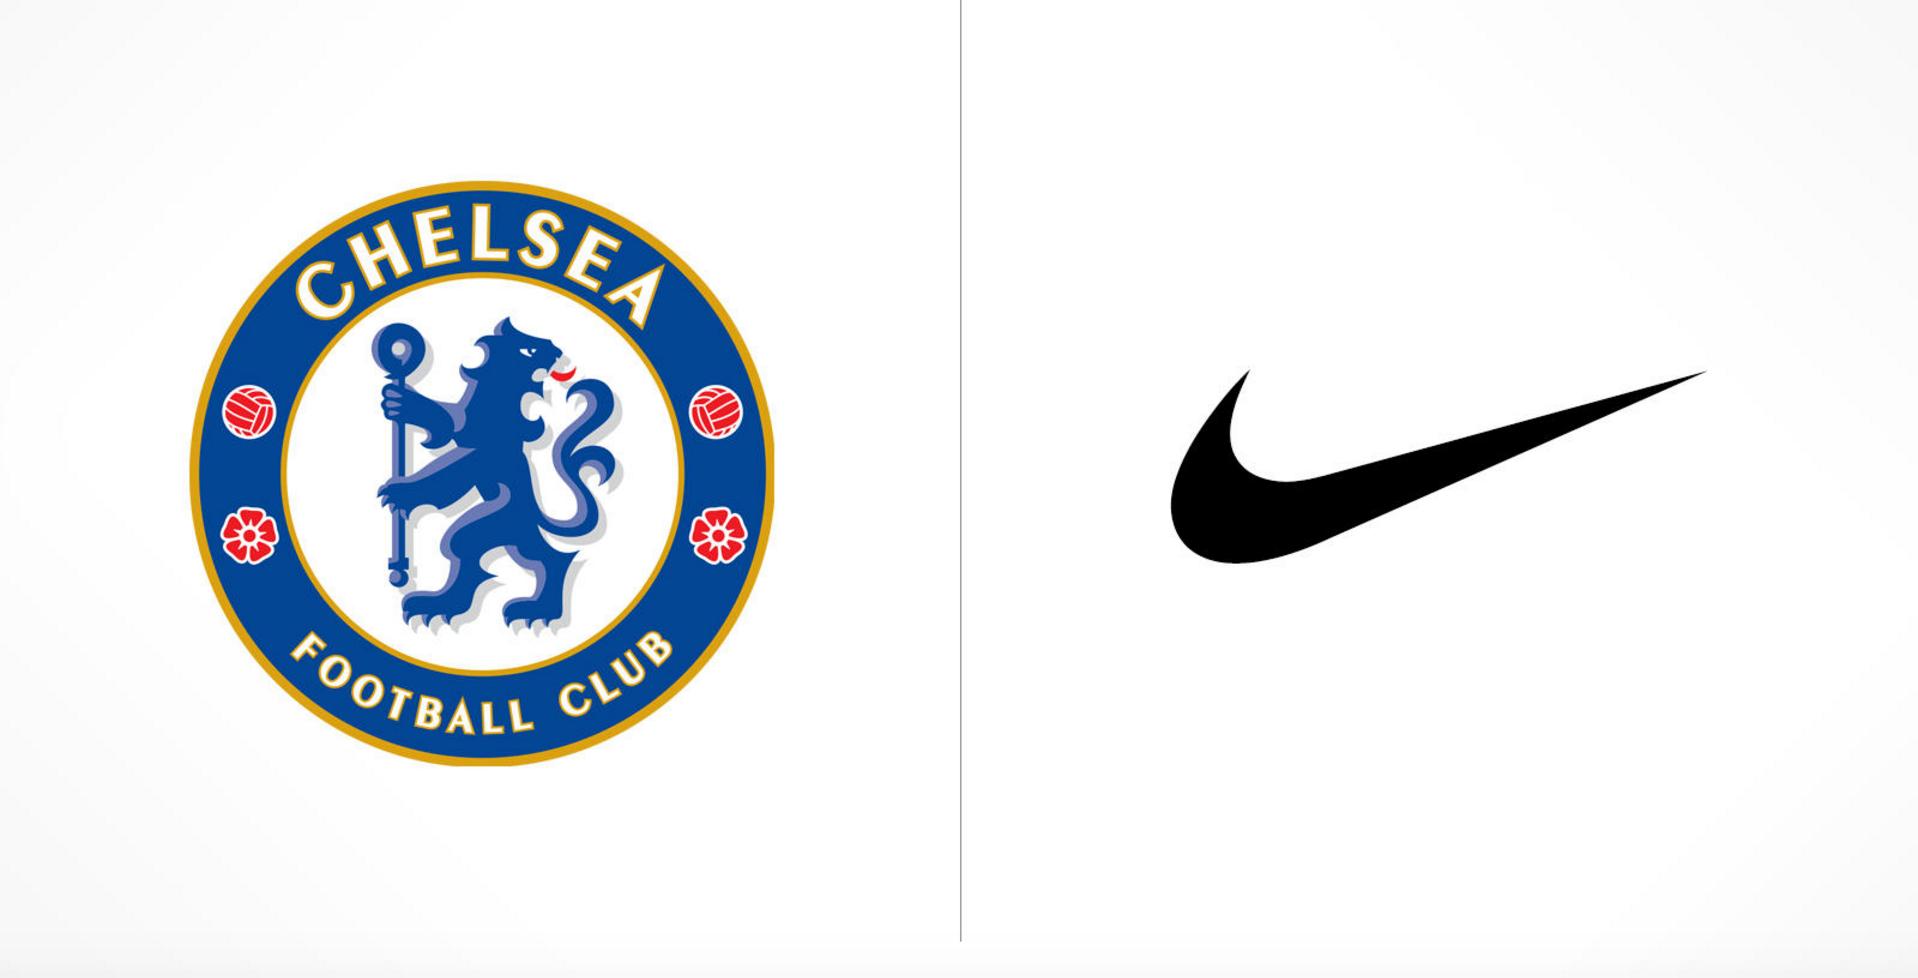 Chelsea boom: accordo da urlo con Nike fino al 2032, cifre raddoppiate